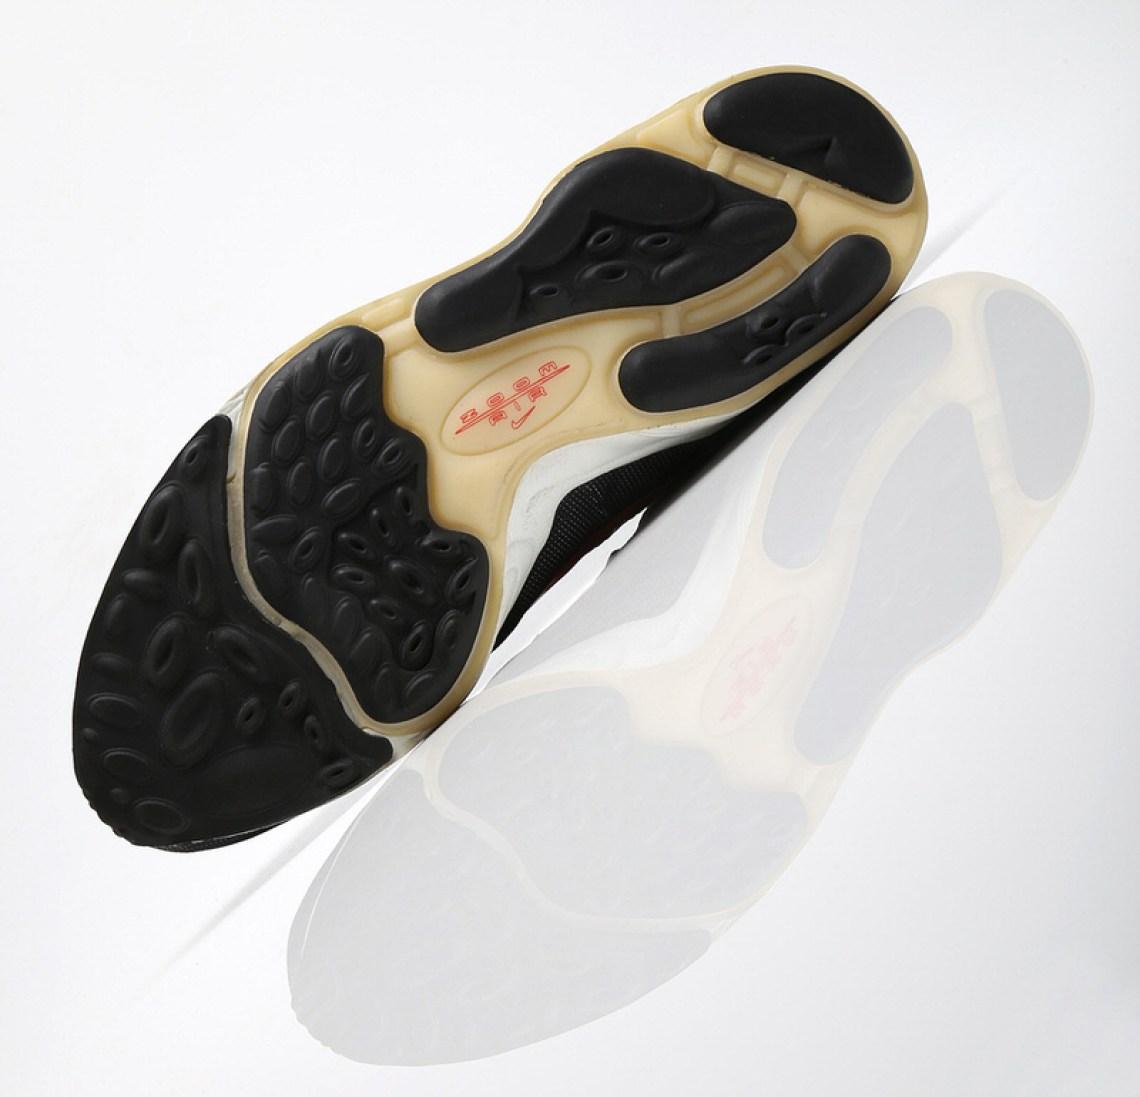 Nike Air Zoom Spiridon OG Red 4